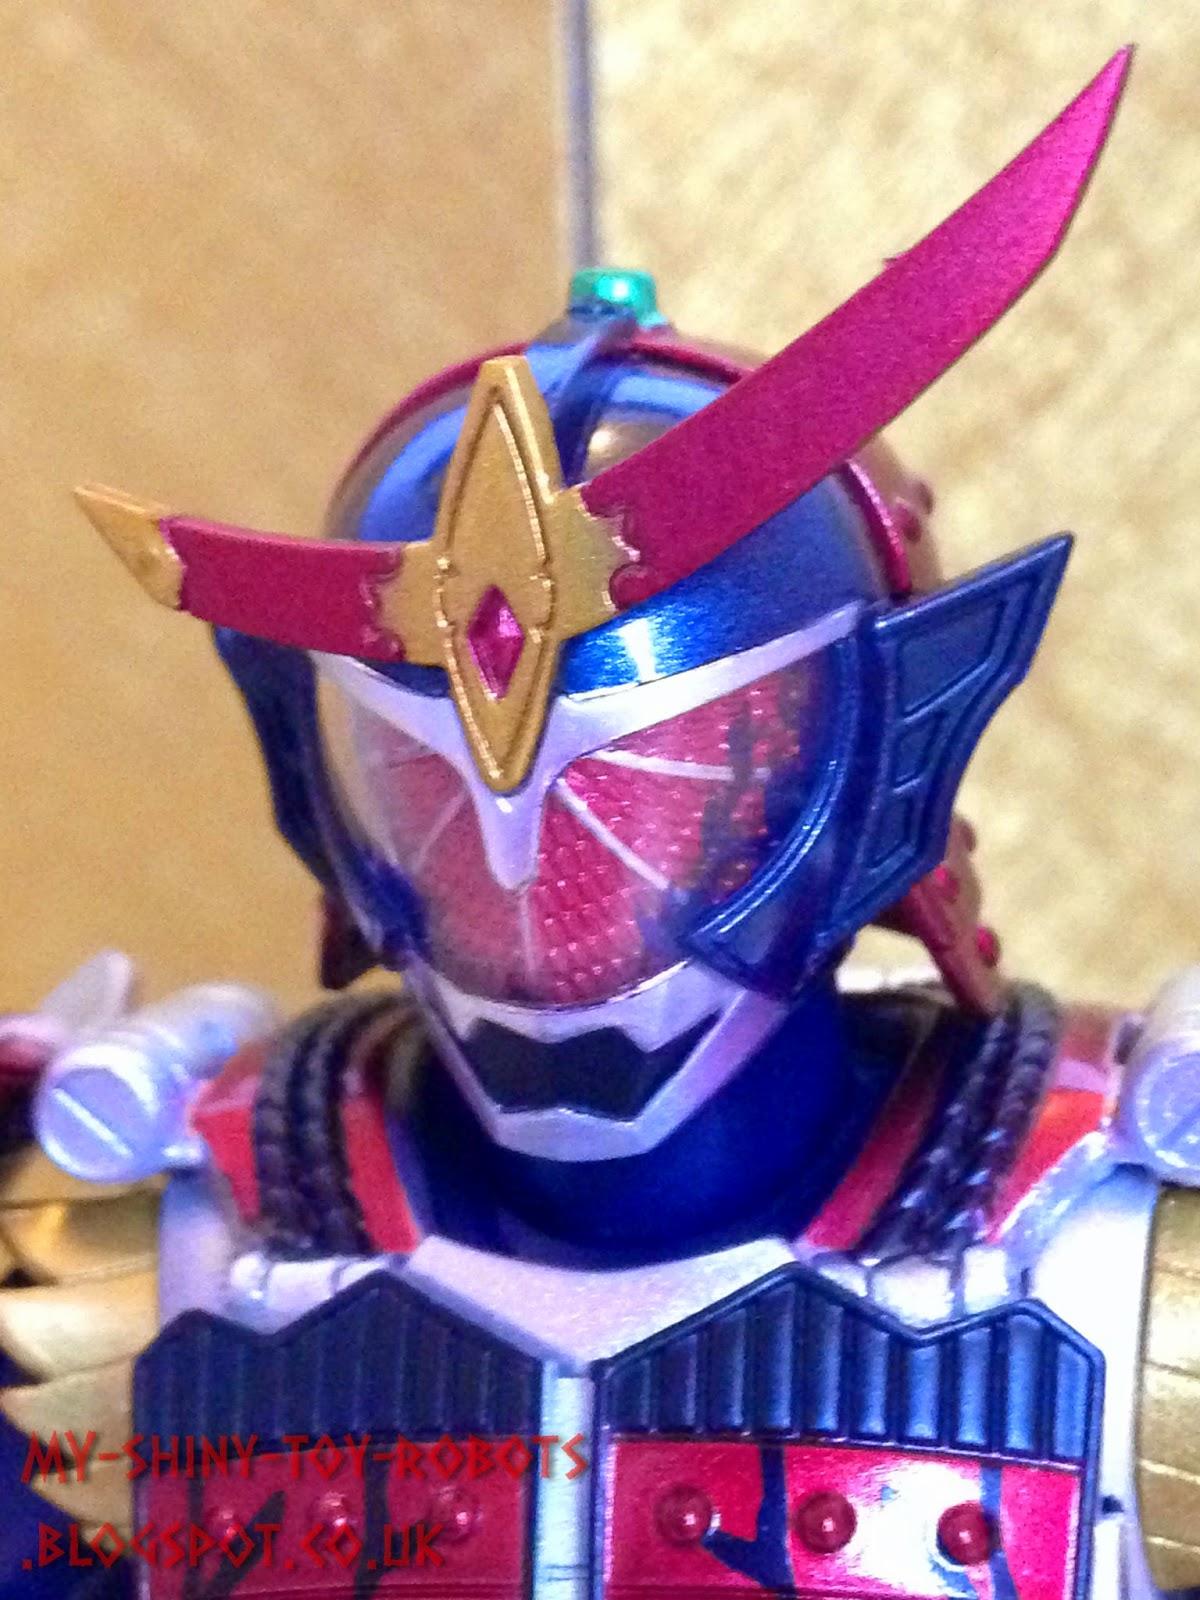 S.H. Figuarts Kamen Rider Bujin Gaim Blood Orange Arms